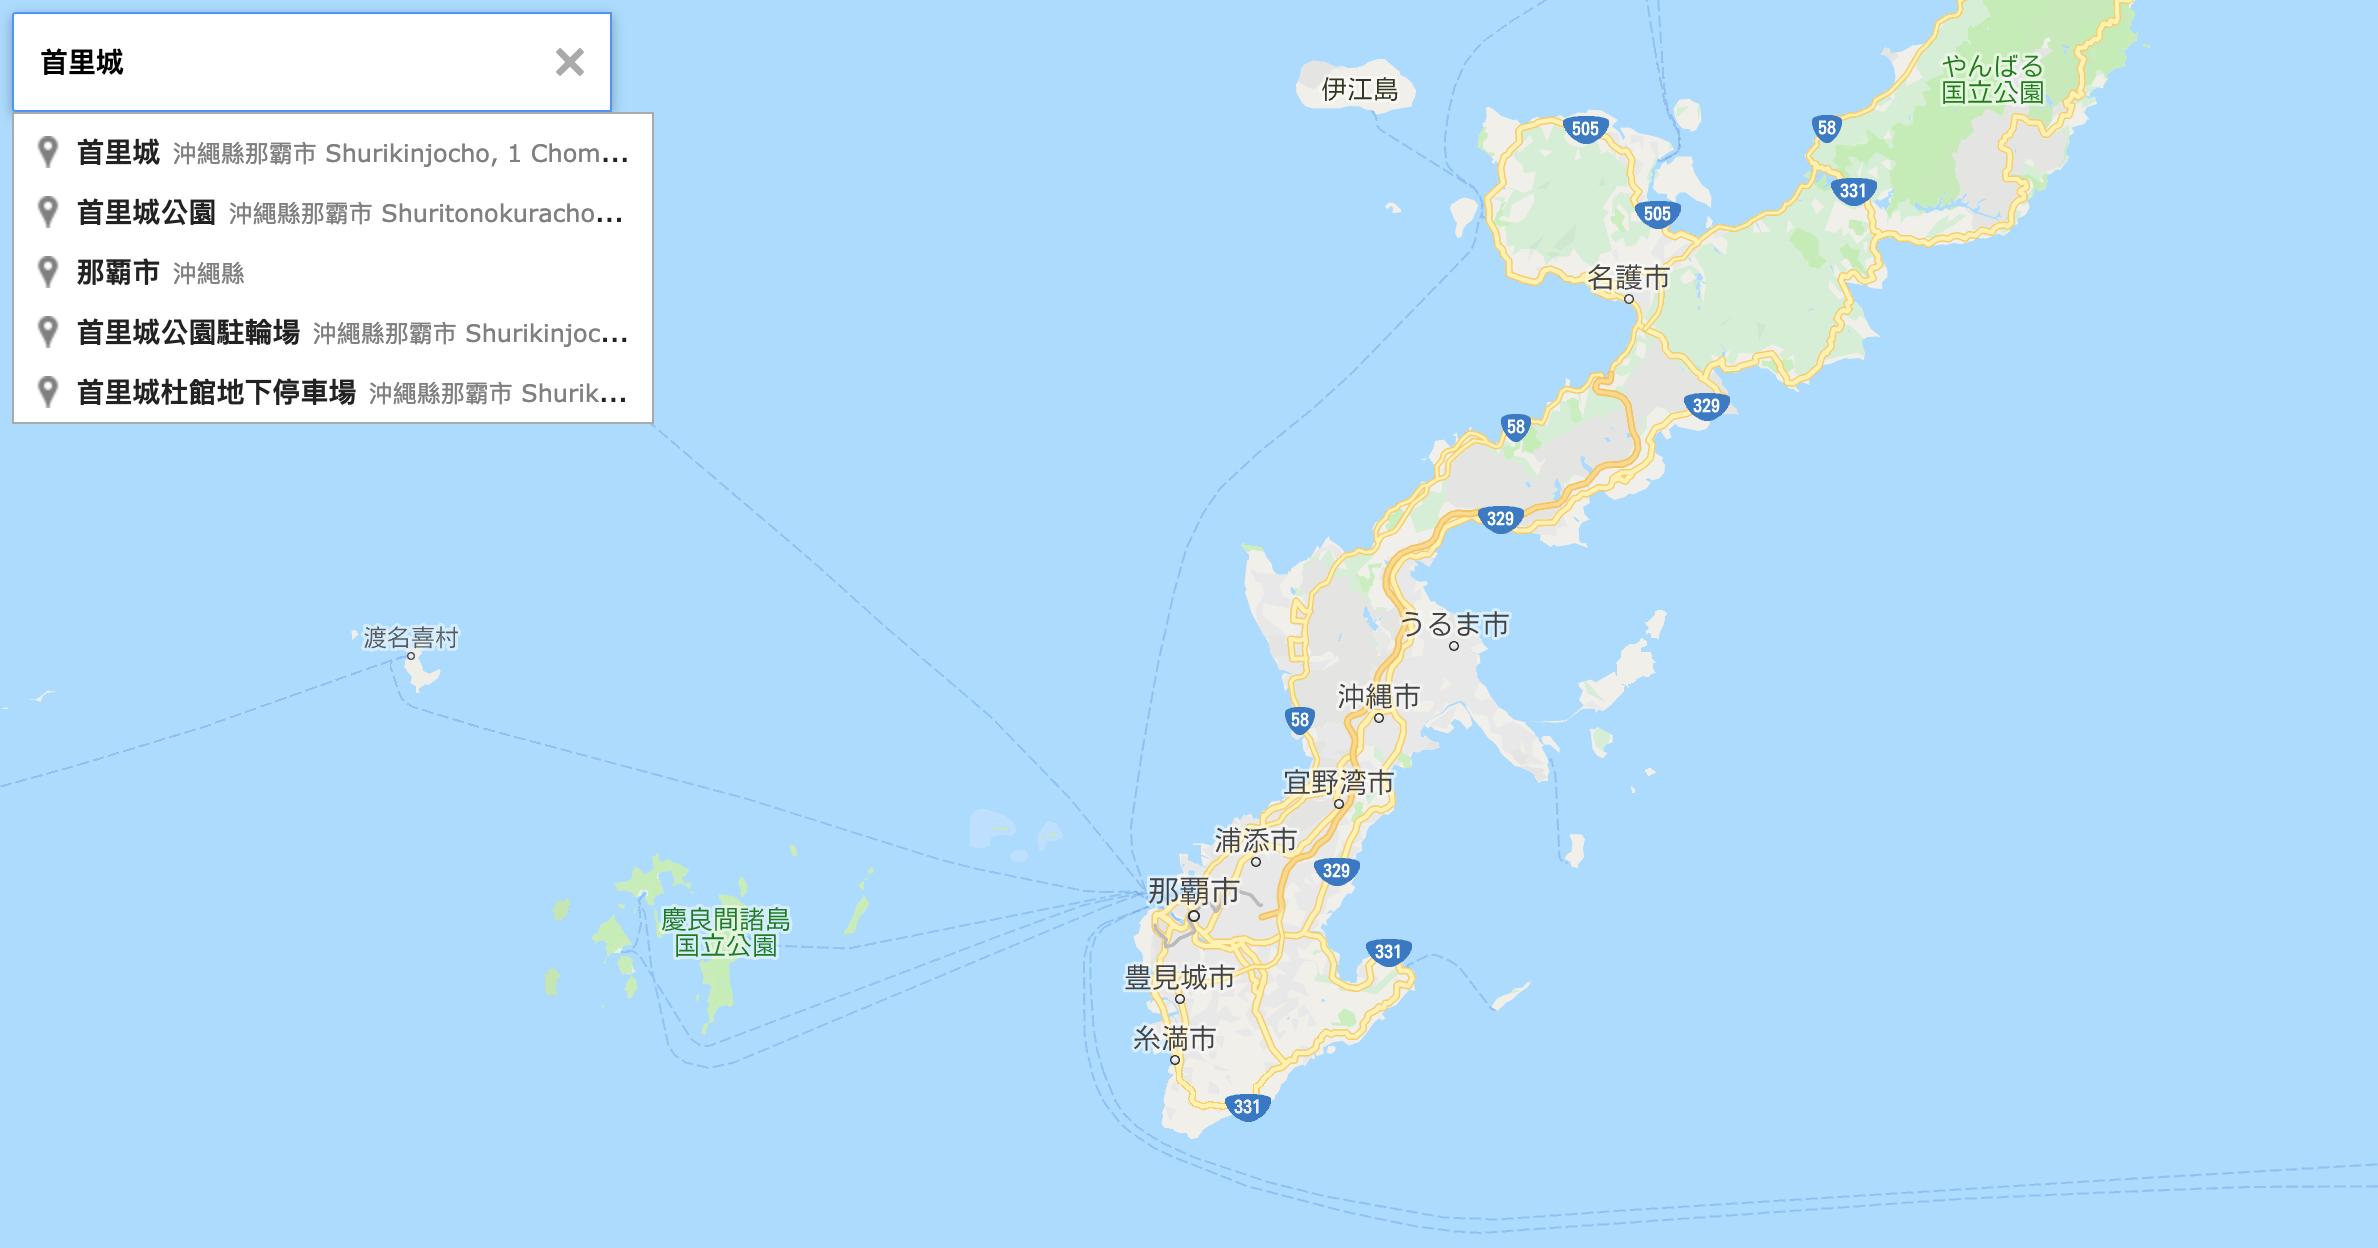 沖繩租車自駕,Mapcode教學,沖繩必去景點,沖繩美食MAPCODE總彙,沖繩Mapcode,Mapion,搜索日本地圖碼在谷歌地圖,沖繩租車